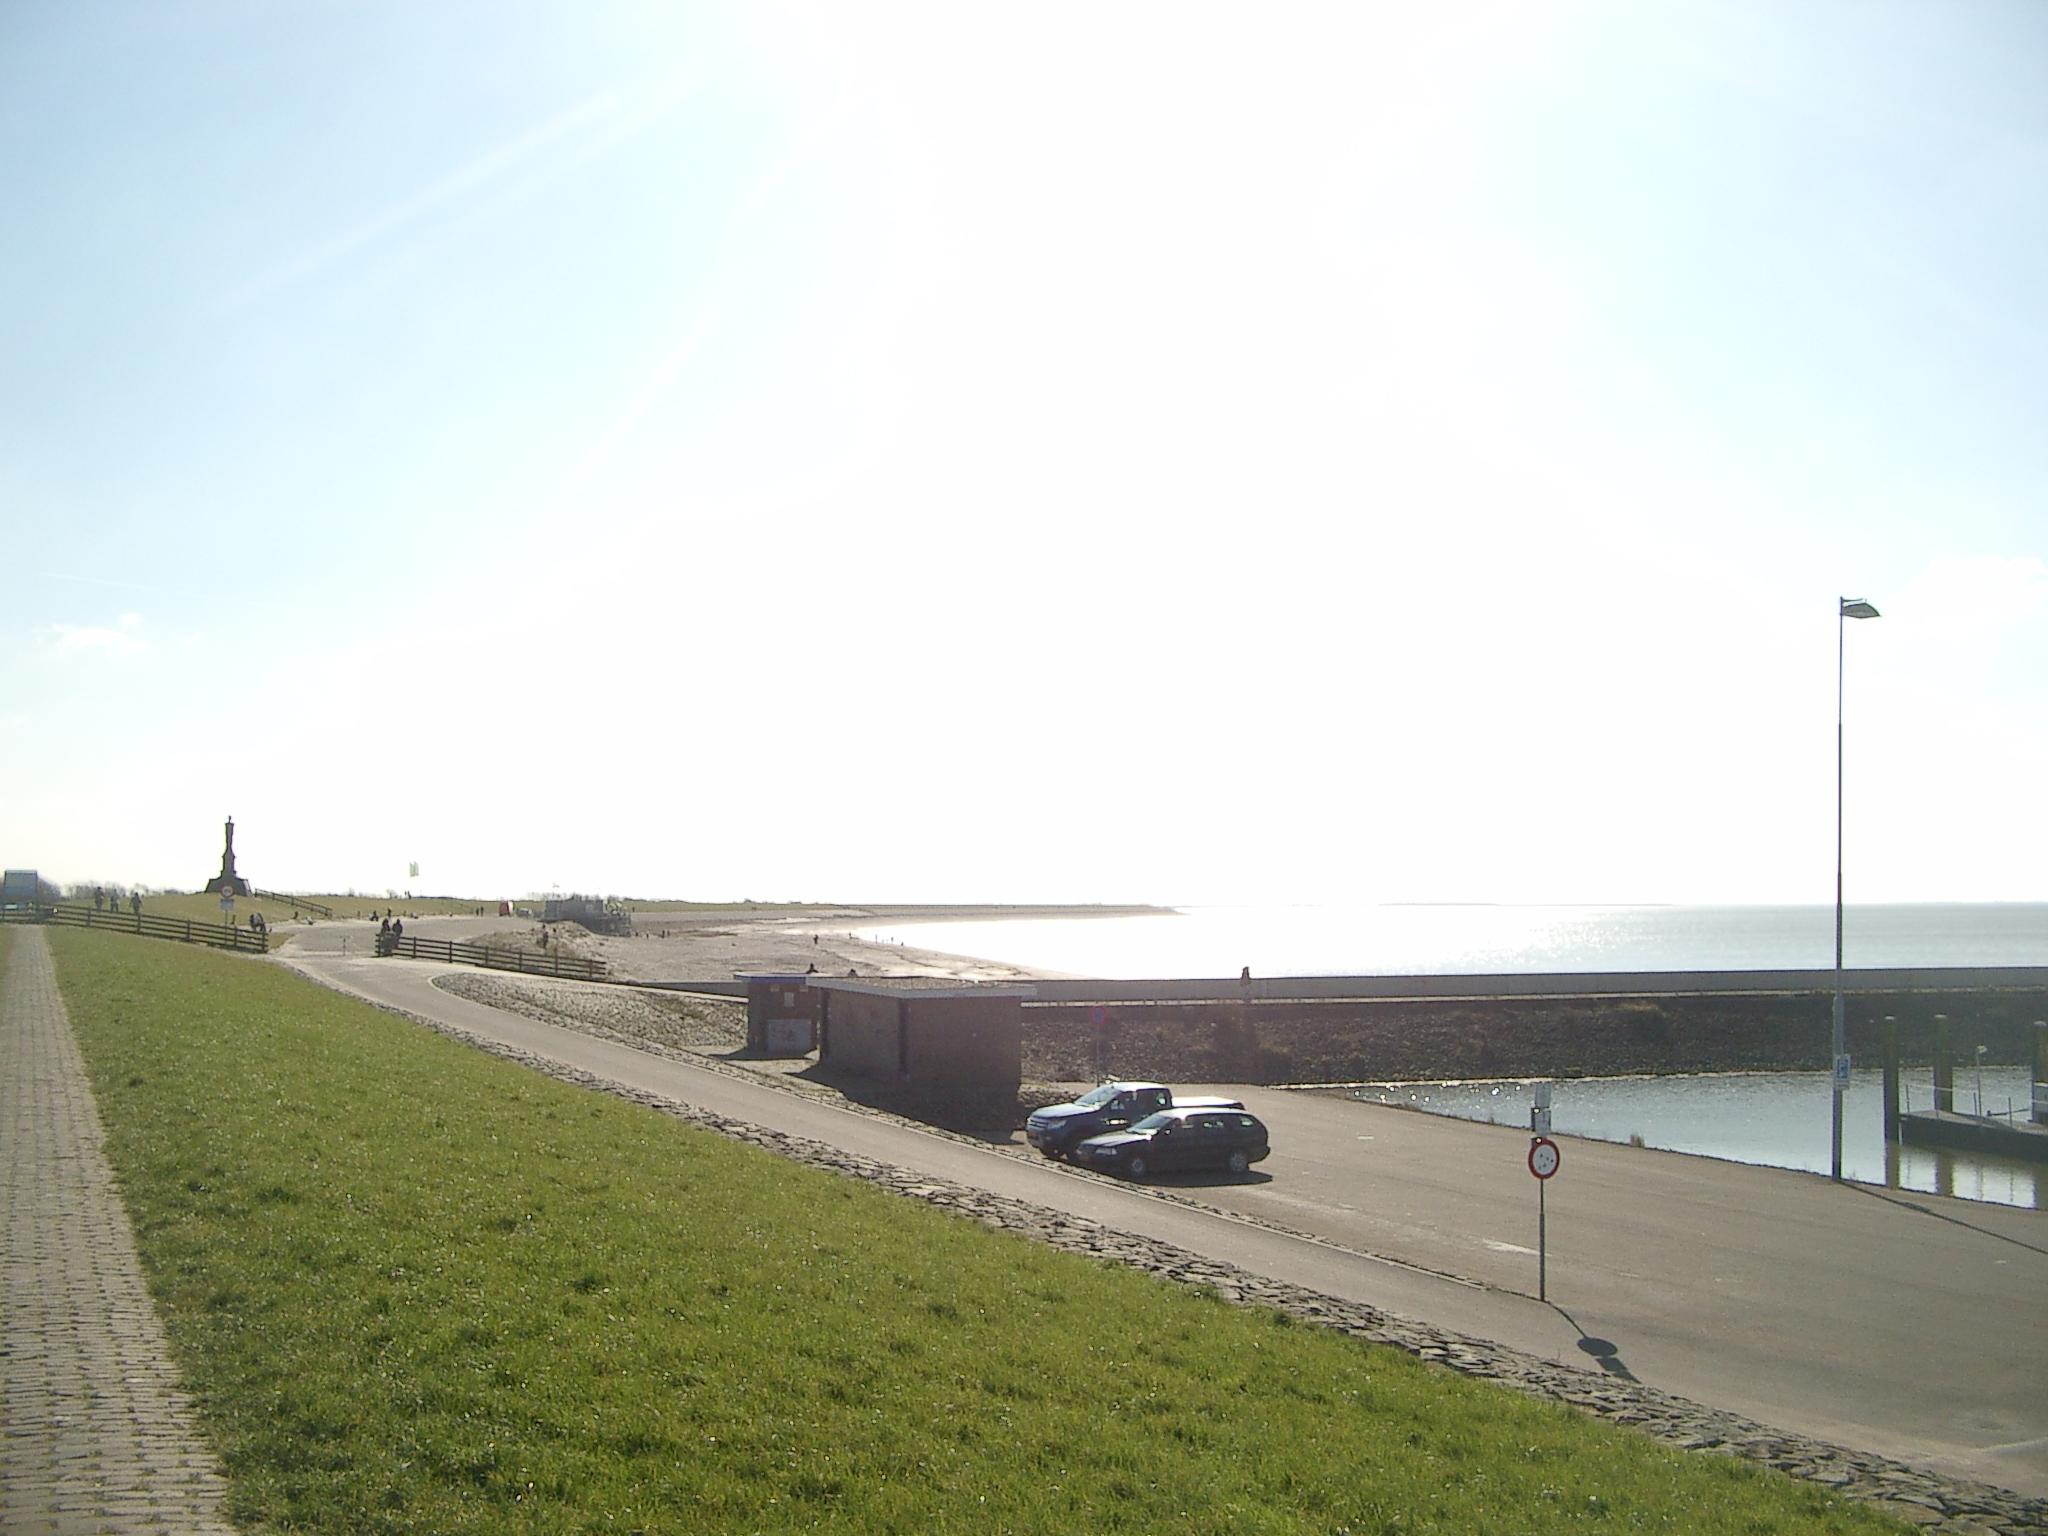 เห็นทะเลแล้ว!!! ชายหาดที่เห็นชือ หาด Harlingen ค่ะ ตามชื่อเมืองเลย